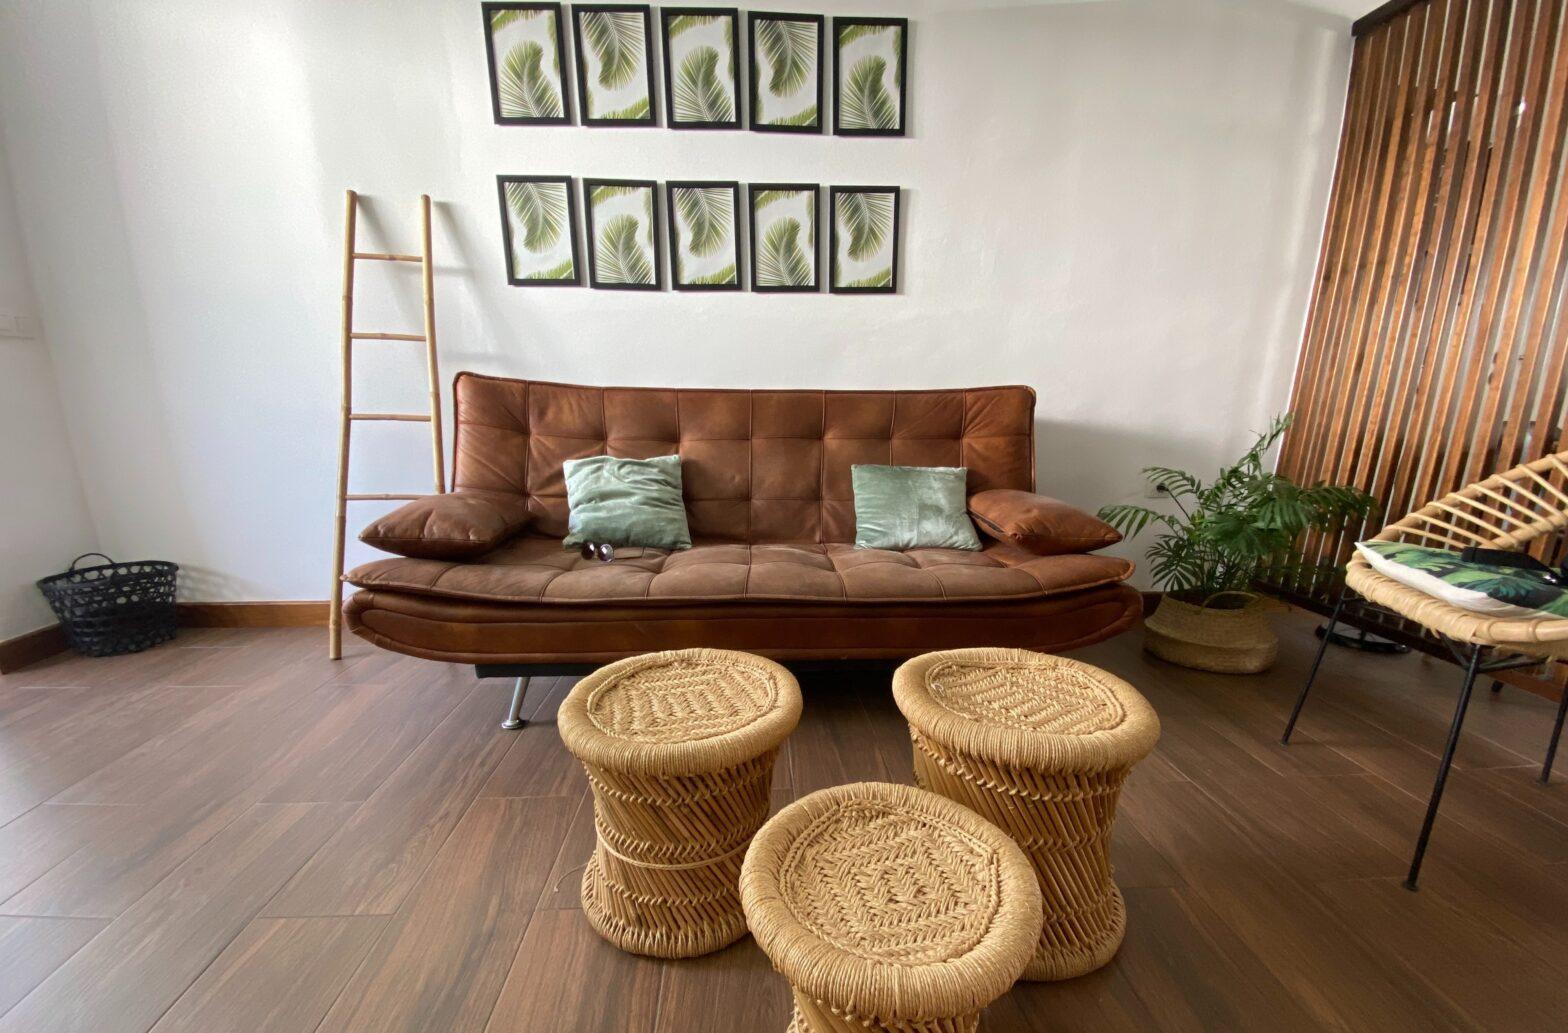 vinyl padló szobában kanapéval